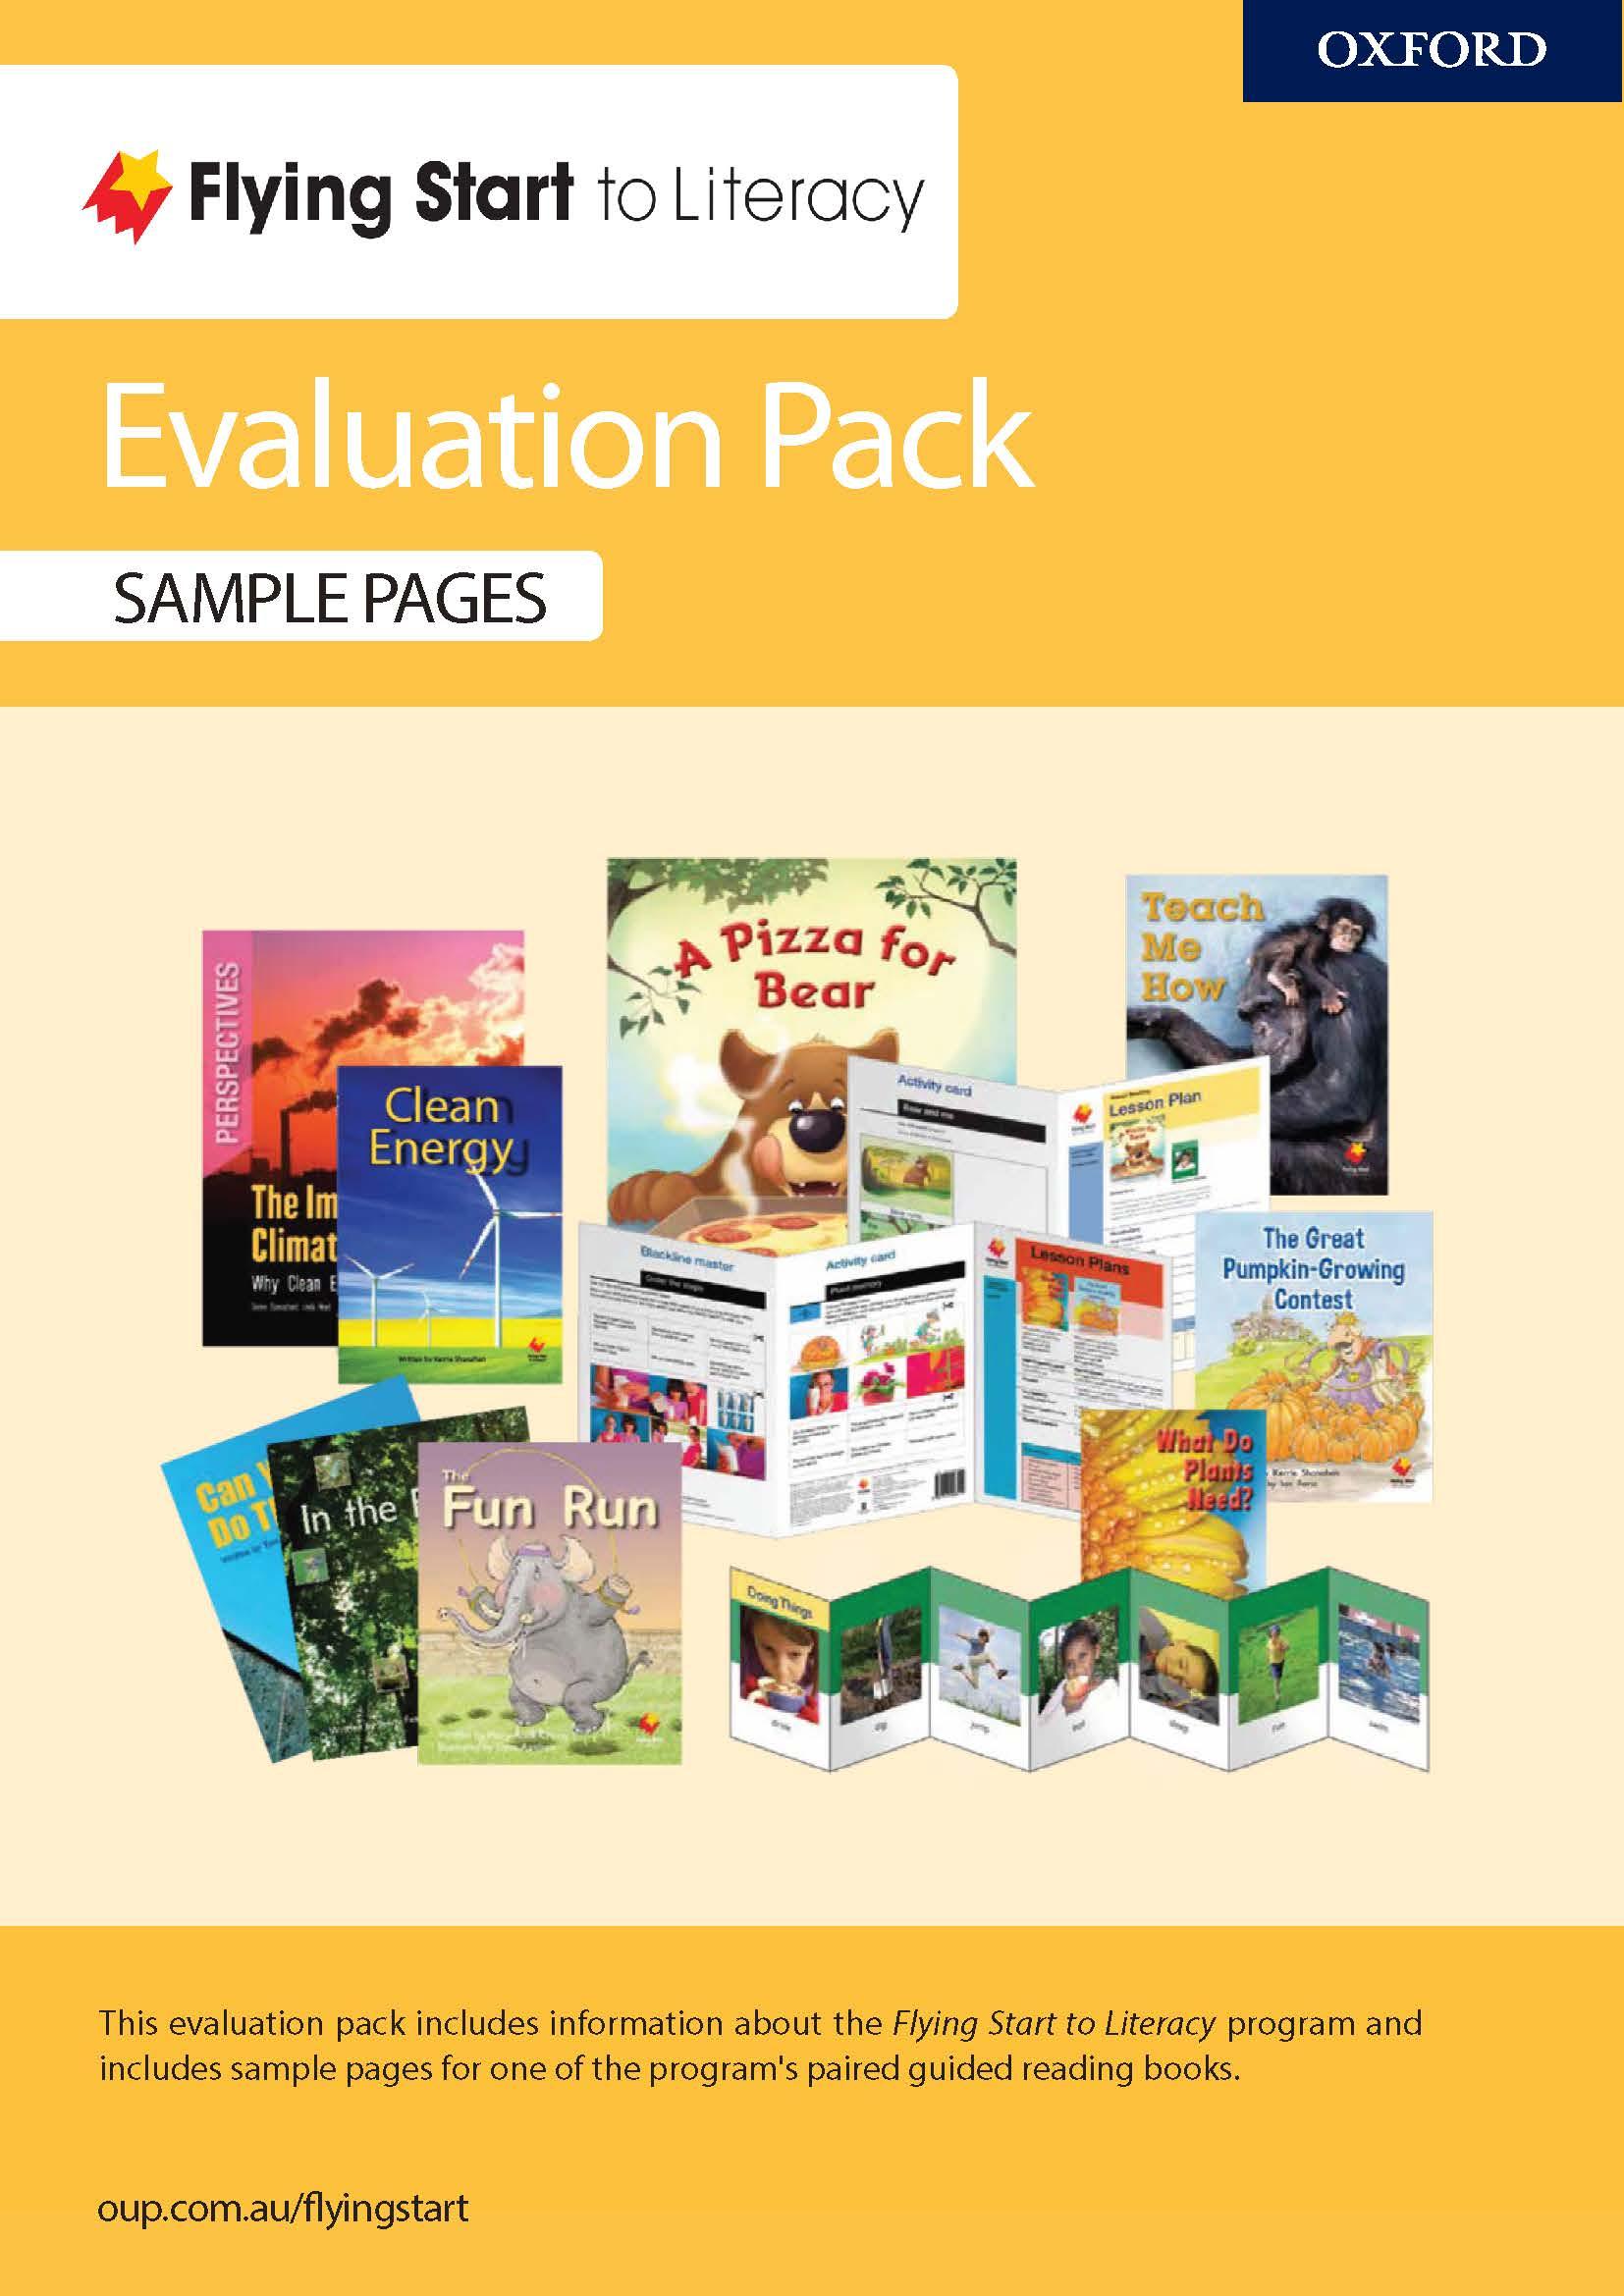 FSTL Evaluation Pack